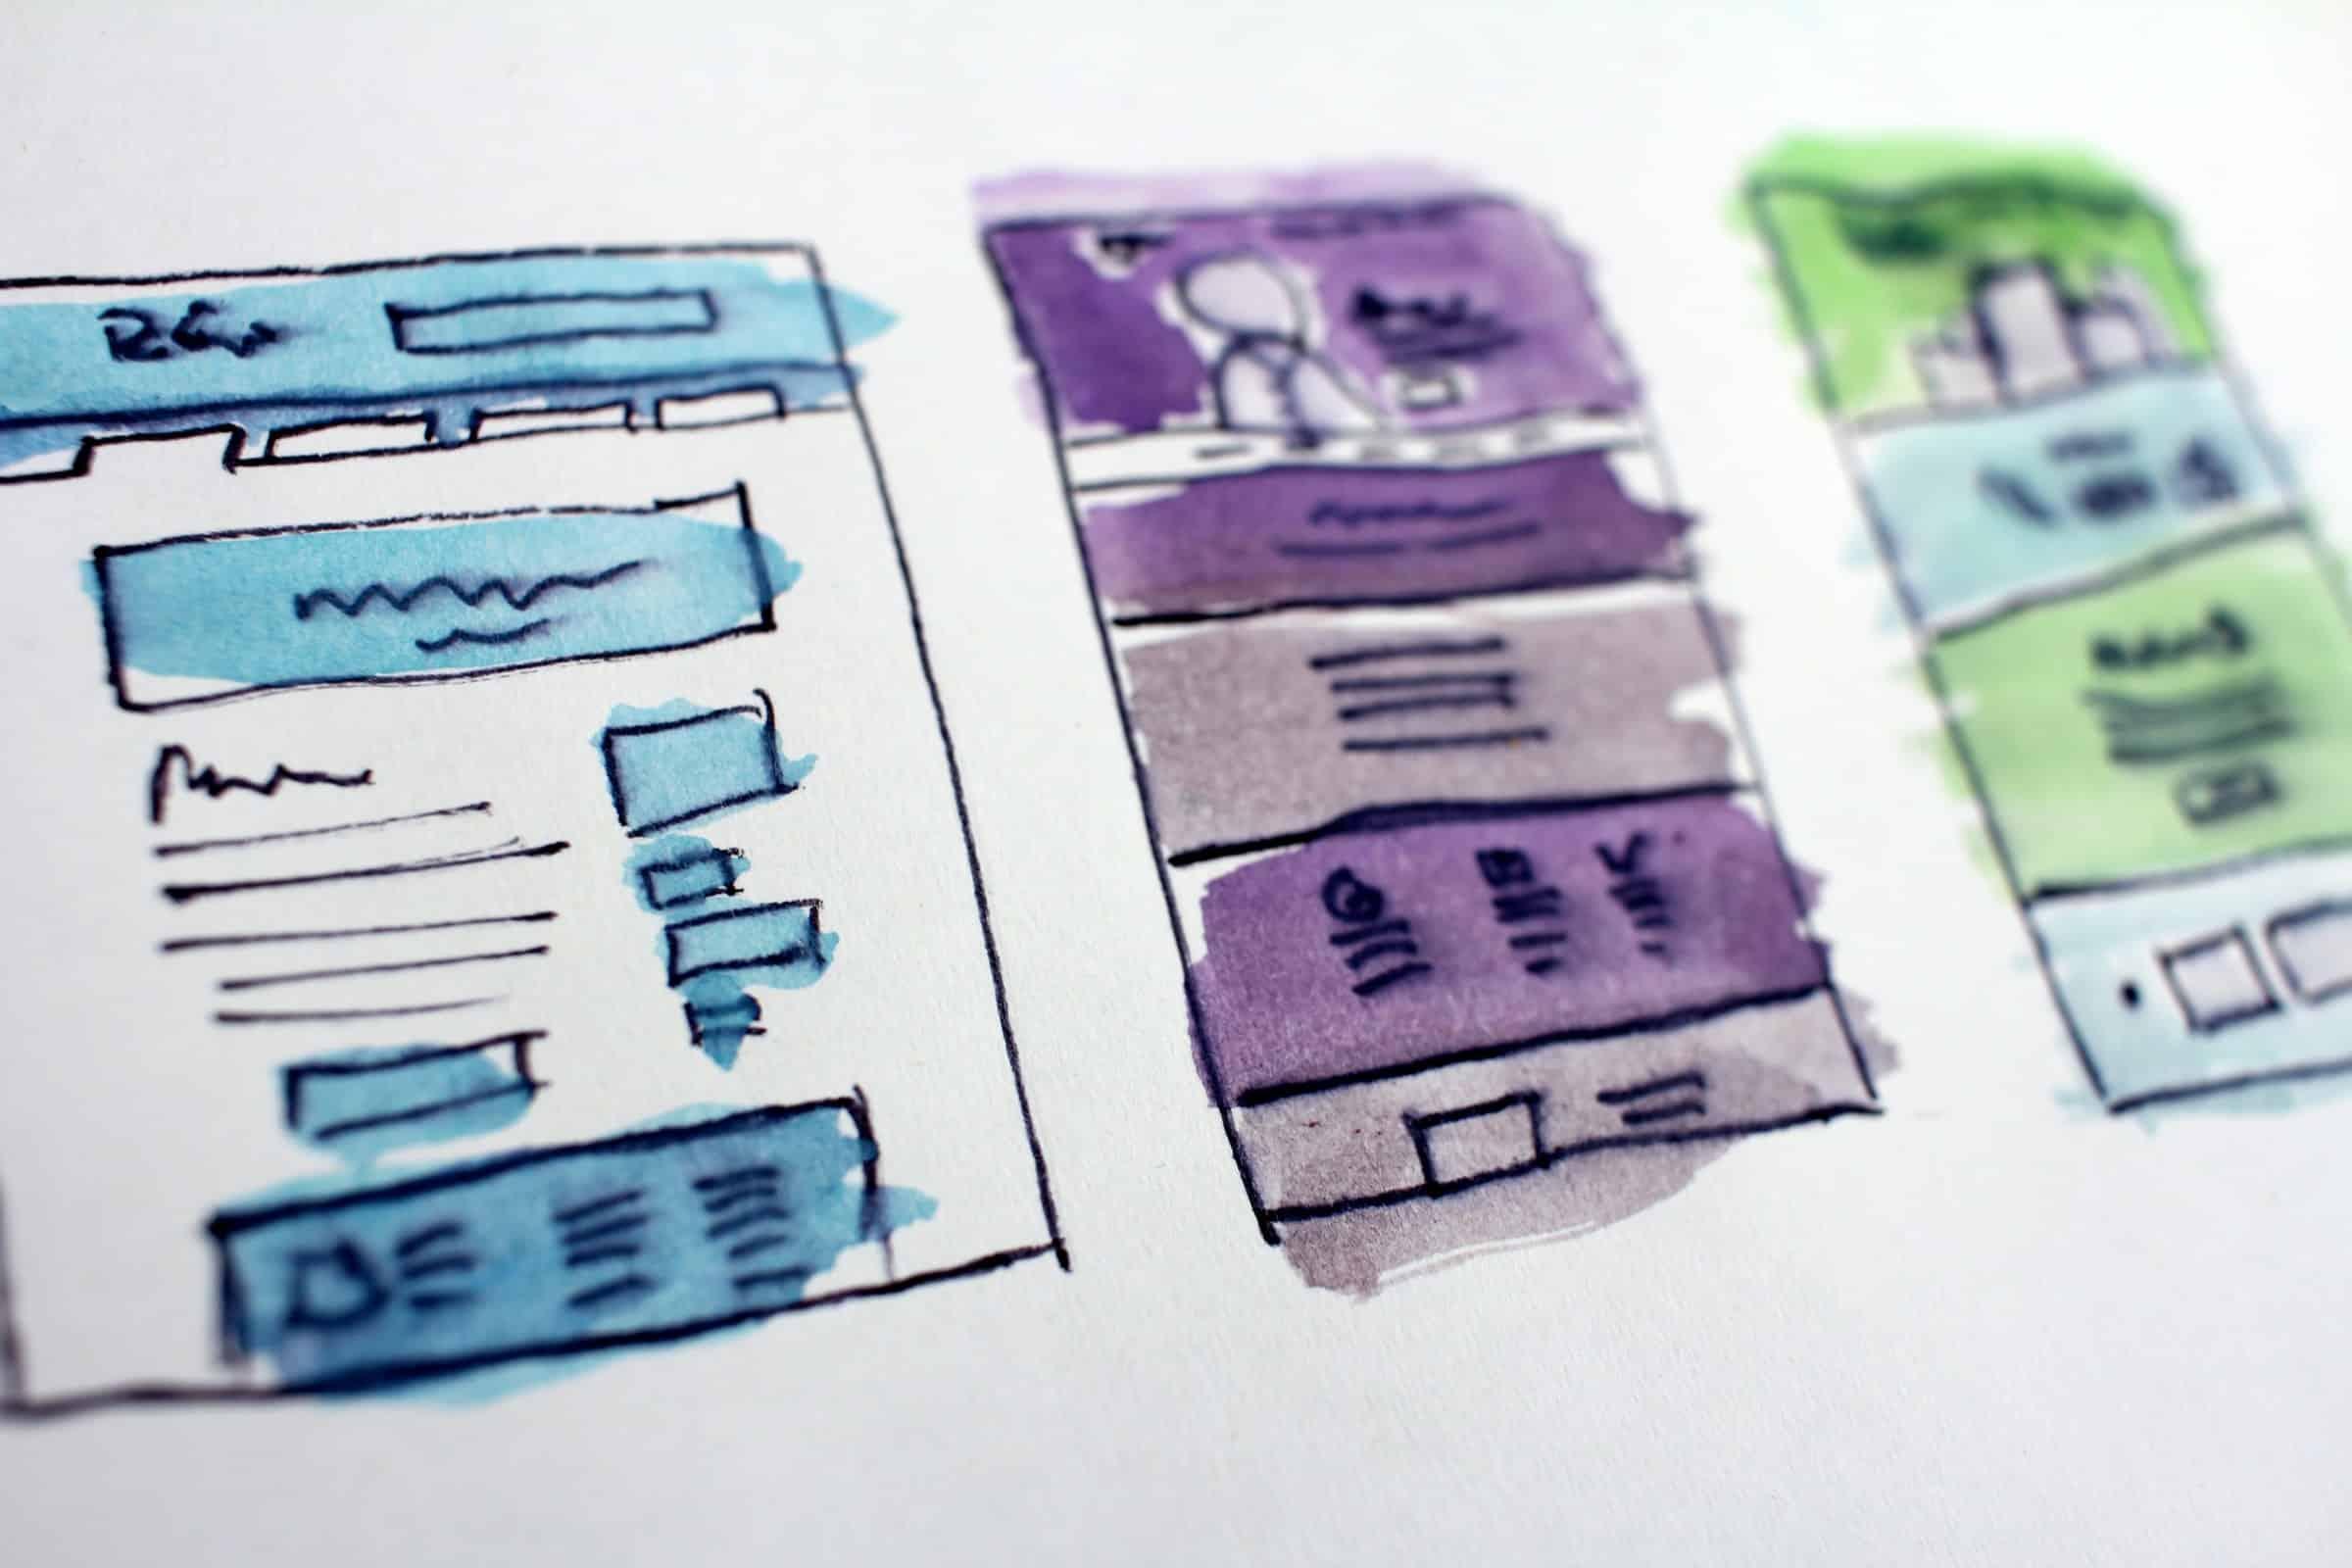 Web design prototypes